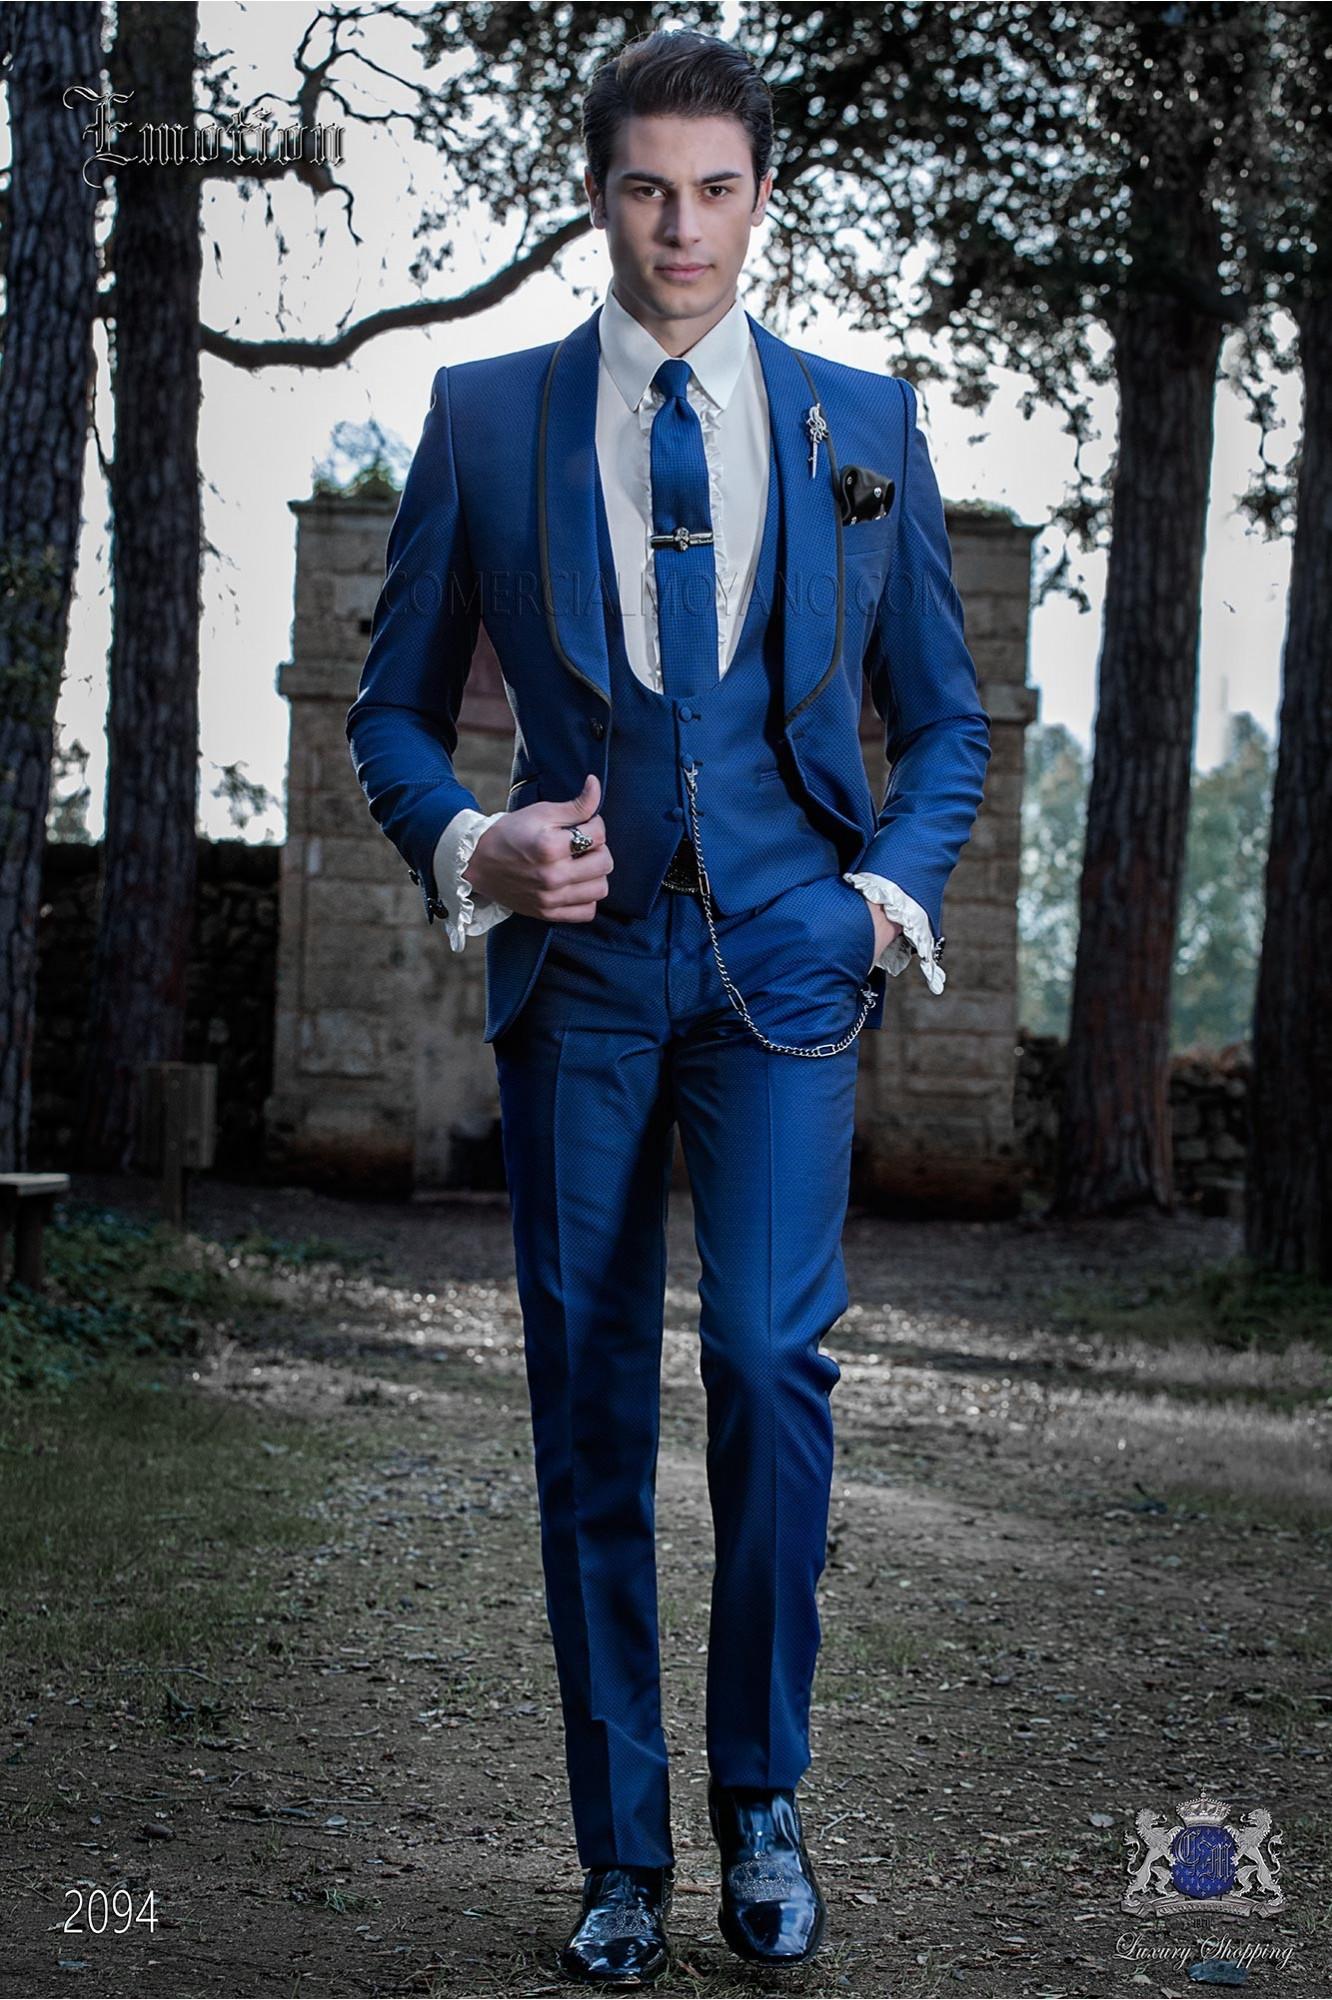 noch eine Chance letzte Veröffentlichung neu kommen an Italienische Smoking-Anzug blaue Mikromuster. Wollmischung Stoffe.